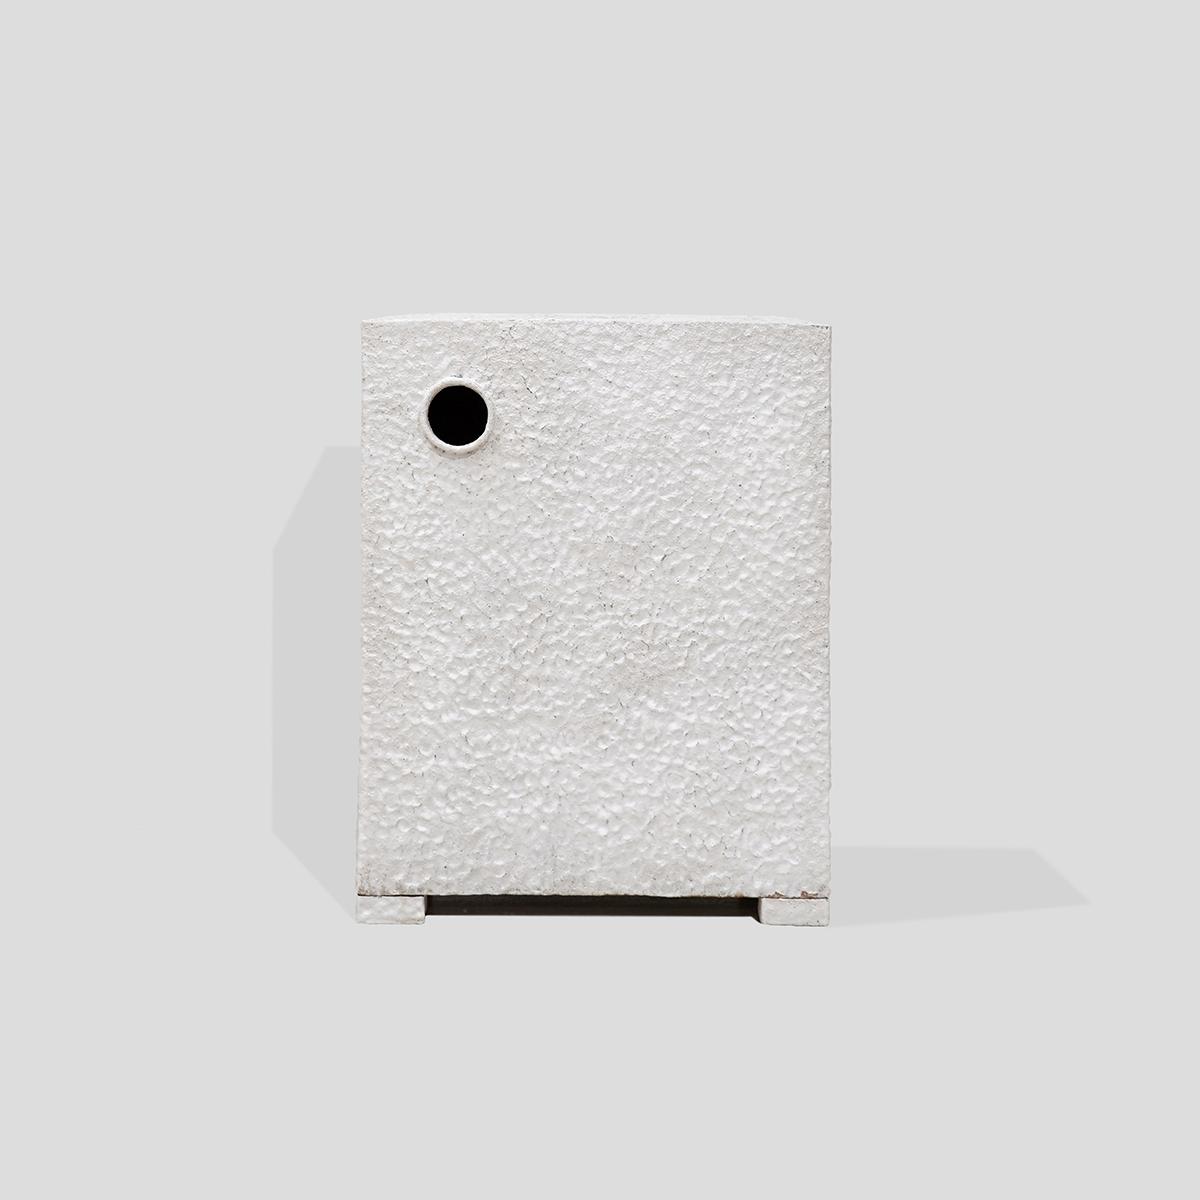 플랫폼엘 신다인 Small Hall Series - Object 2